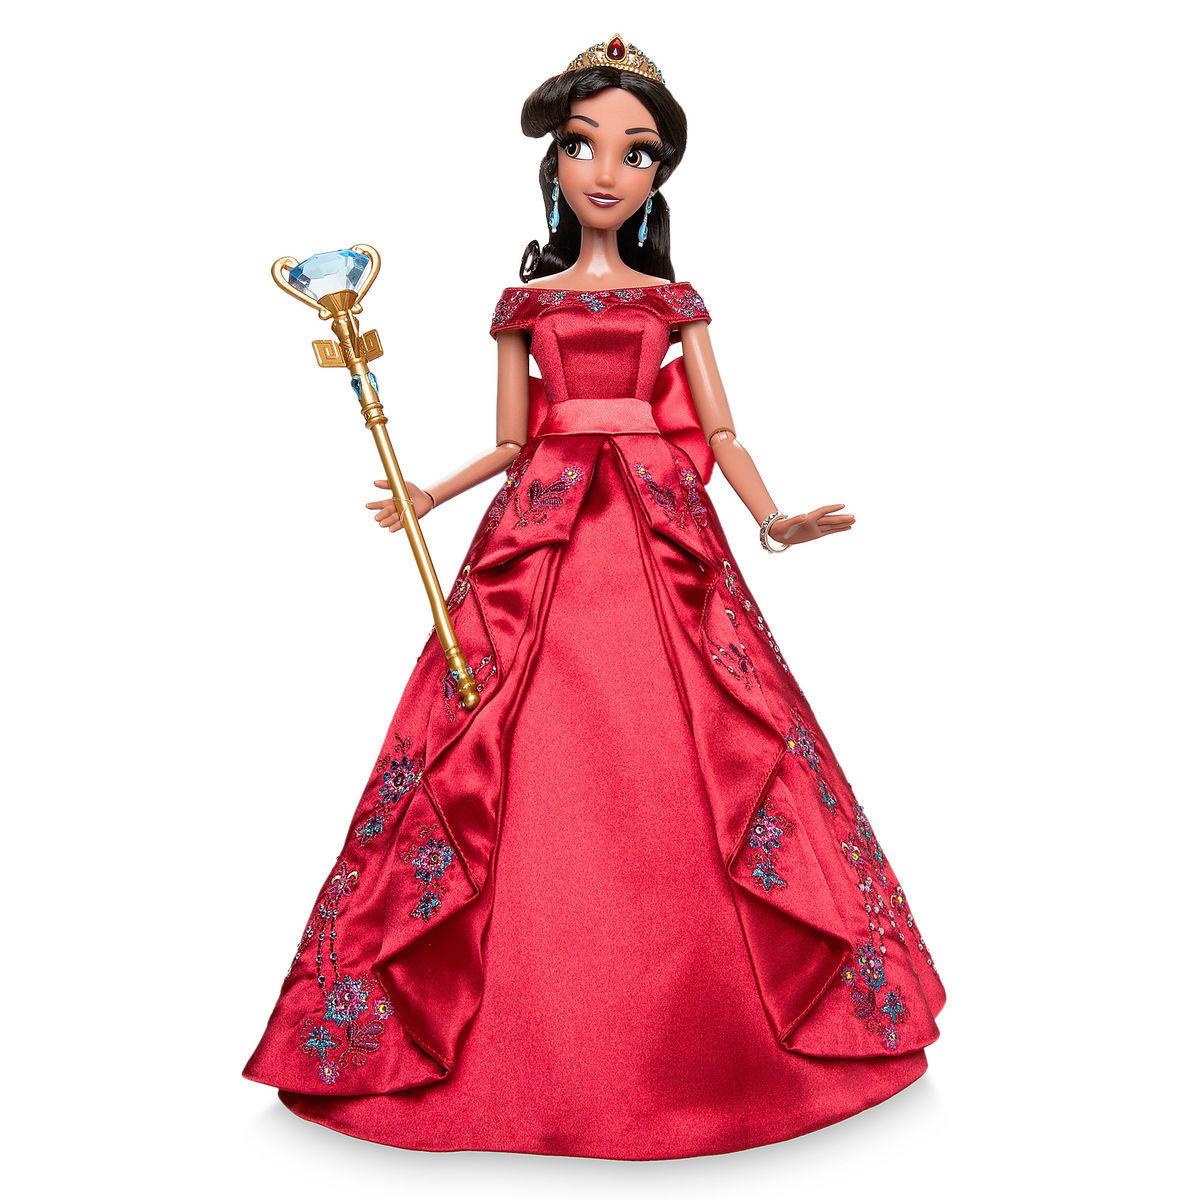 Коллекционная кукла Елена из Авалора - Disney Exclusive